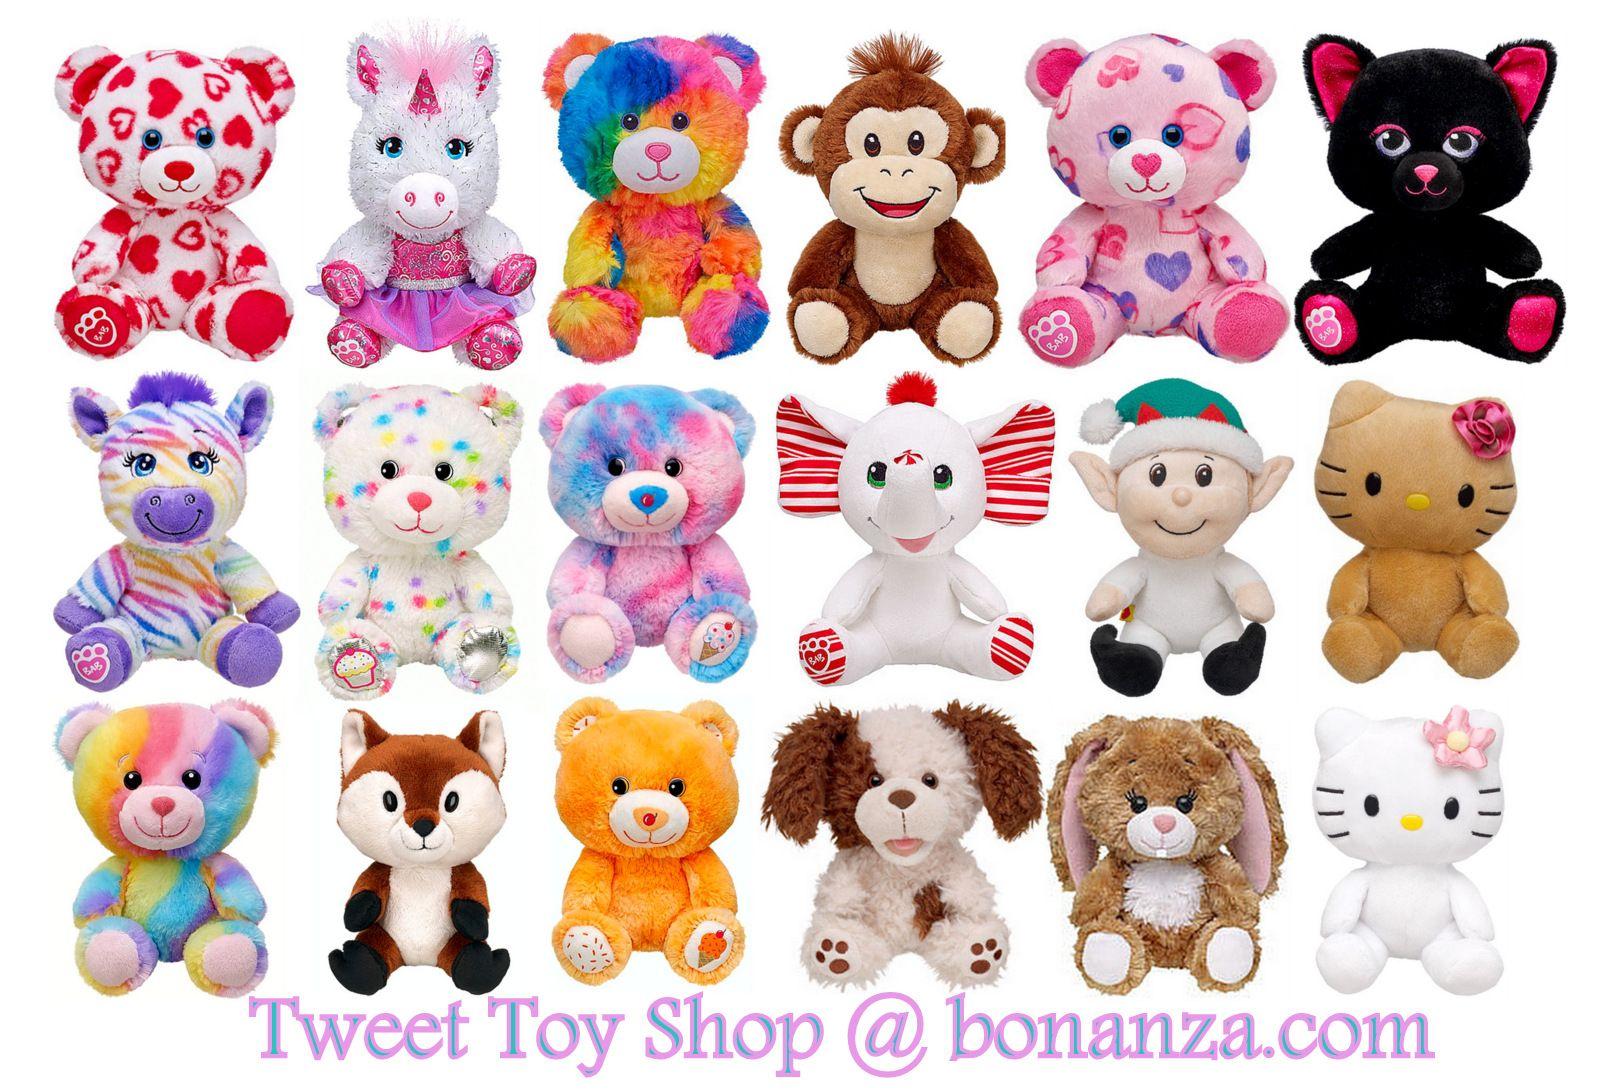 New Build A Bear Buddies And Smallfrys Mini Stuffed Plush Toy